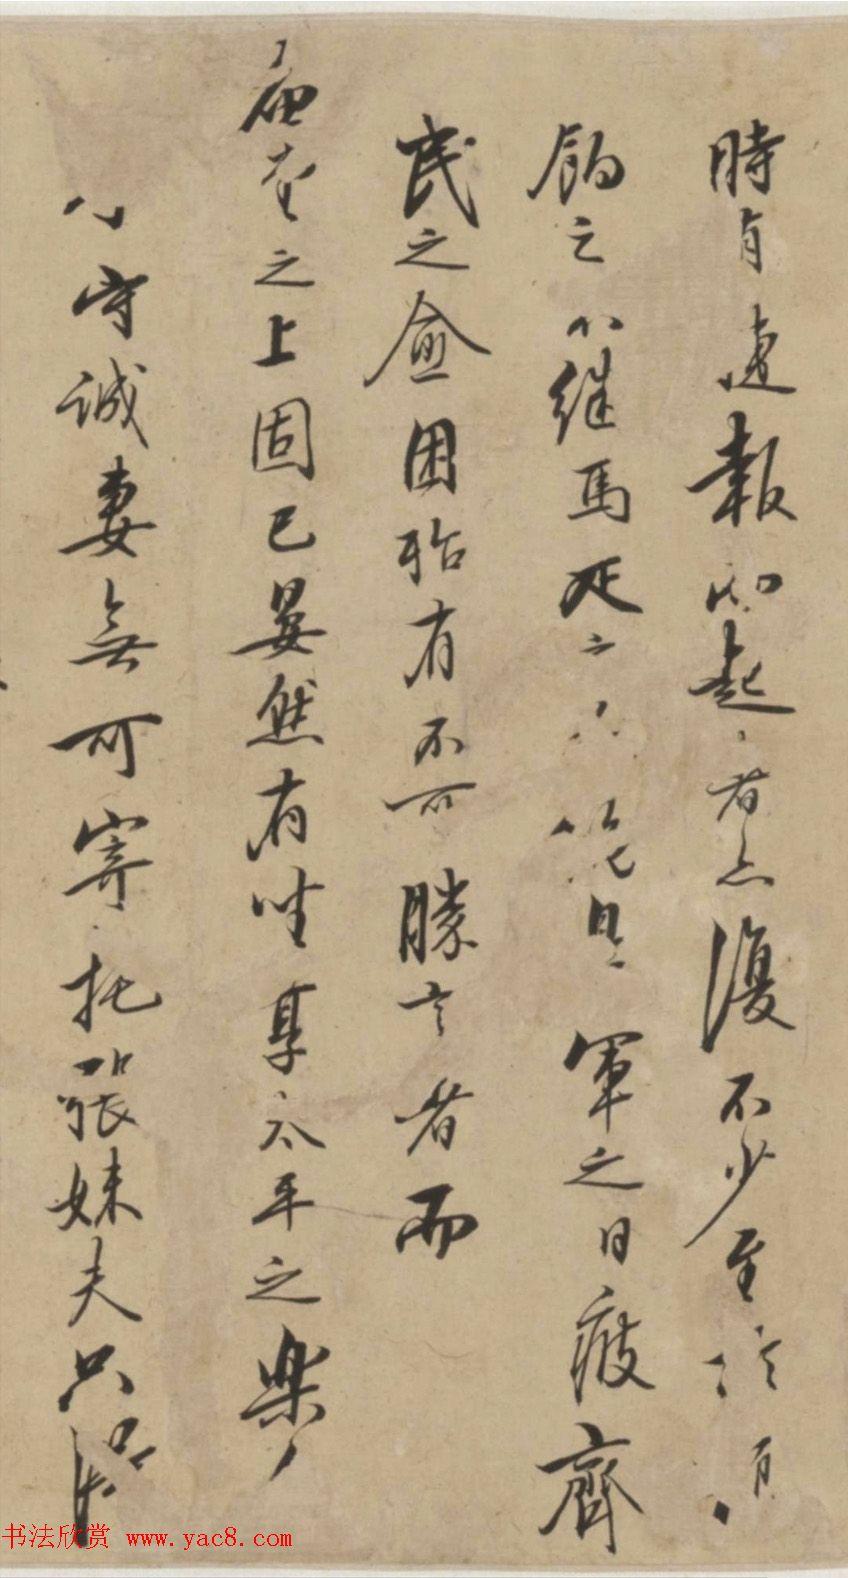 明代王守仁写给父亲王华的书札